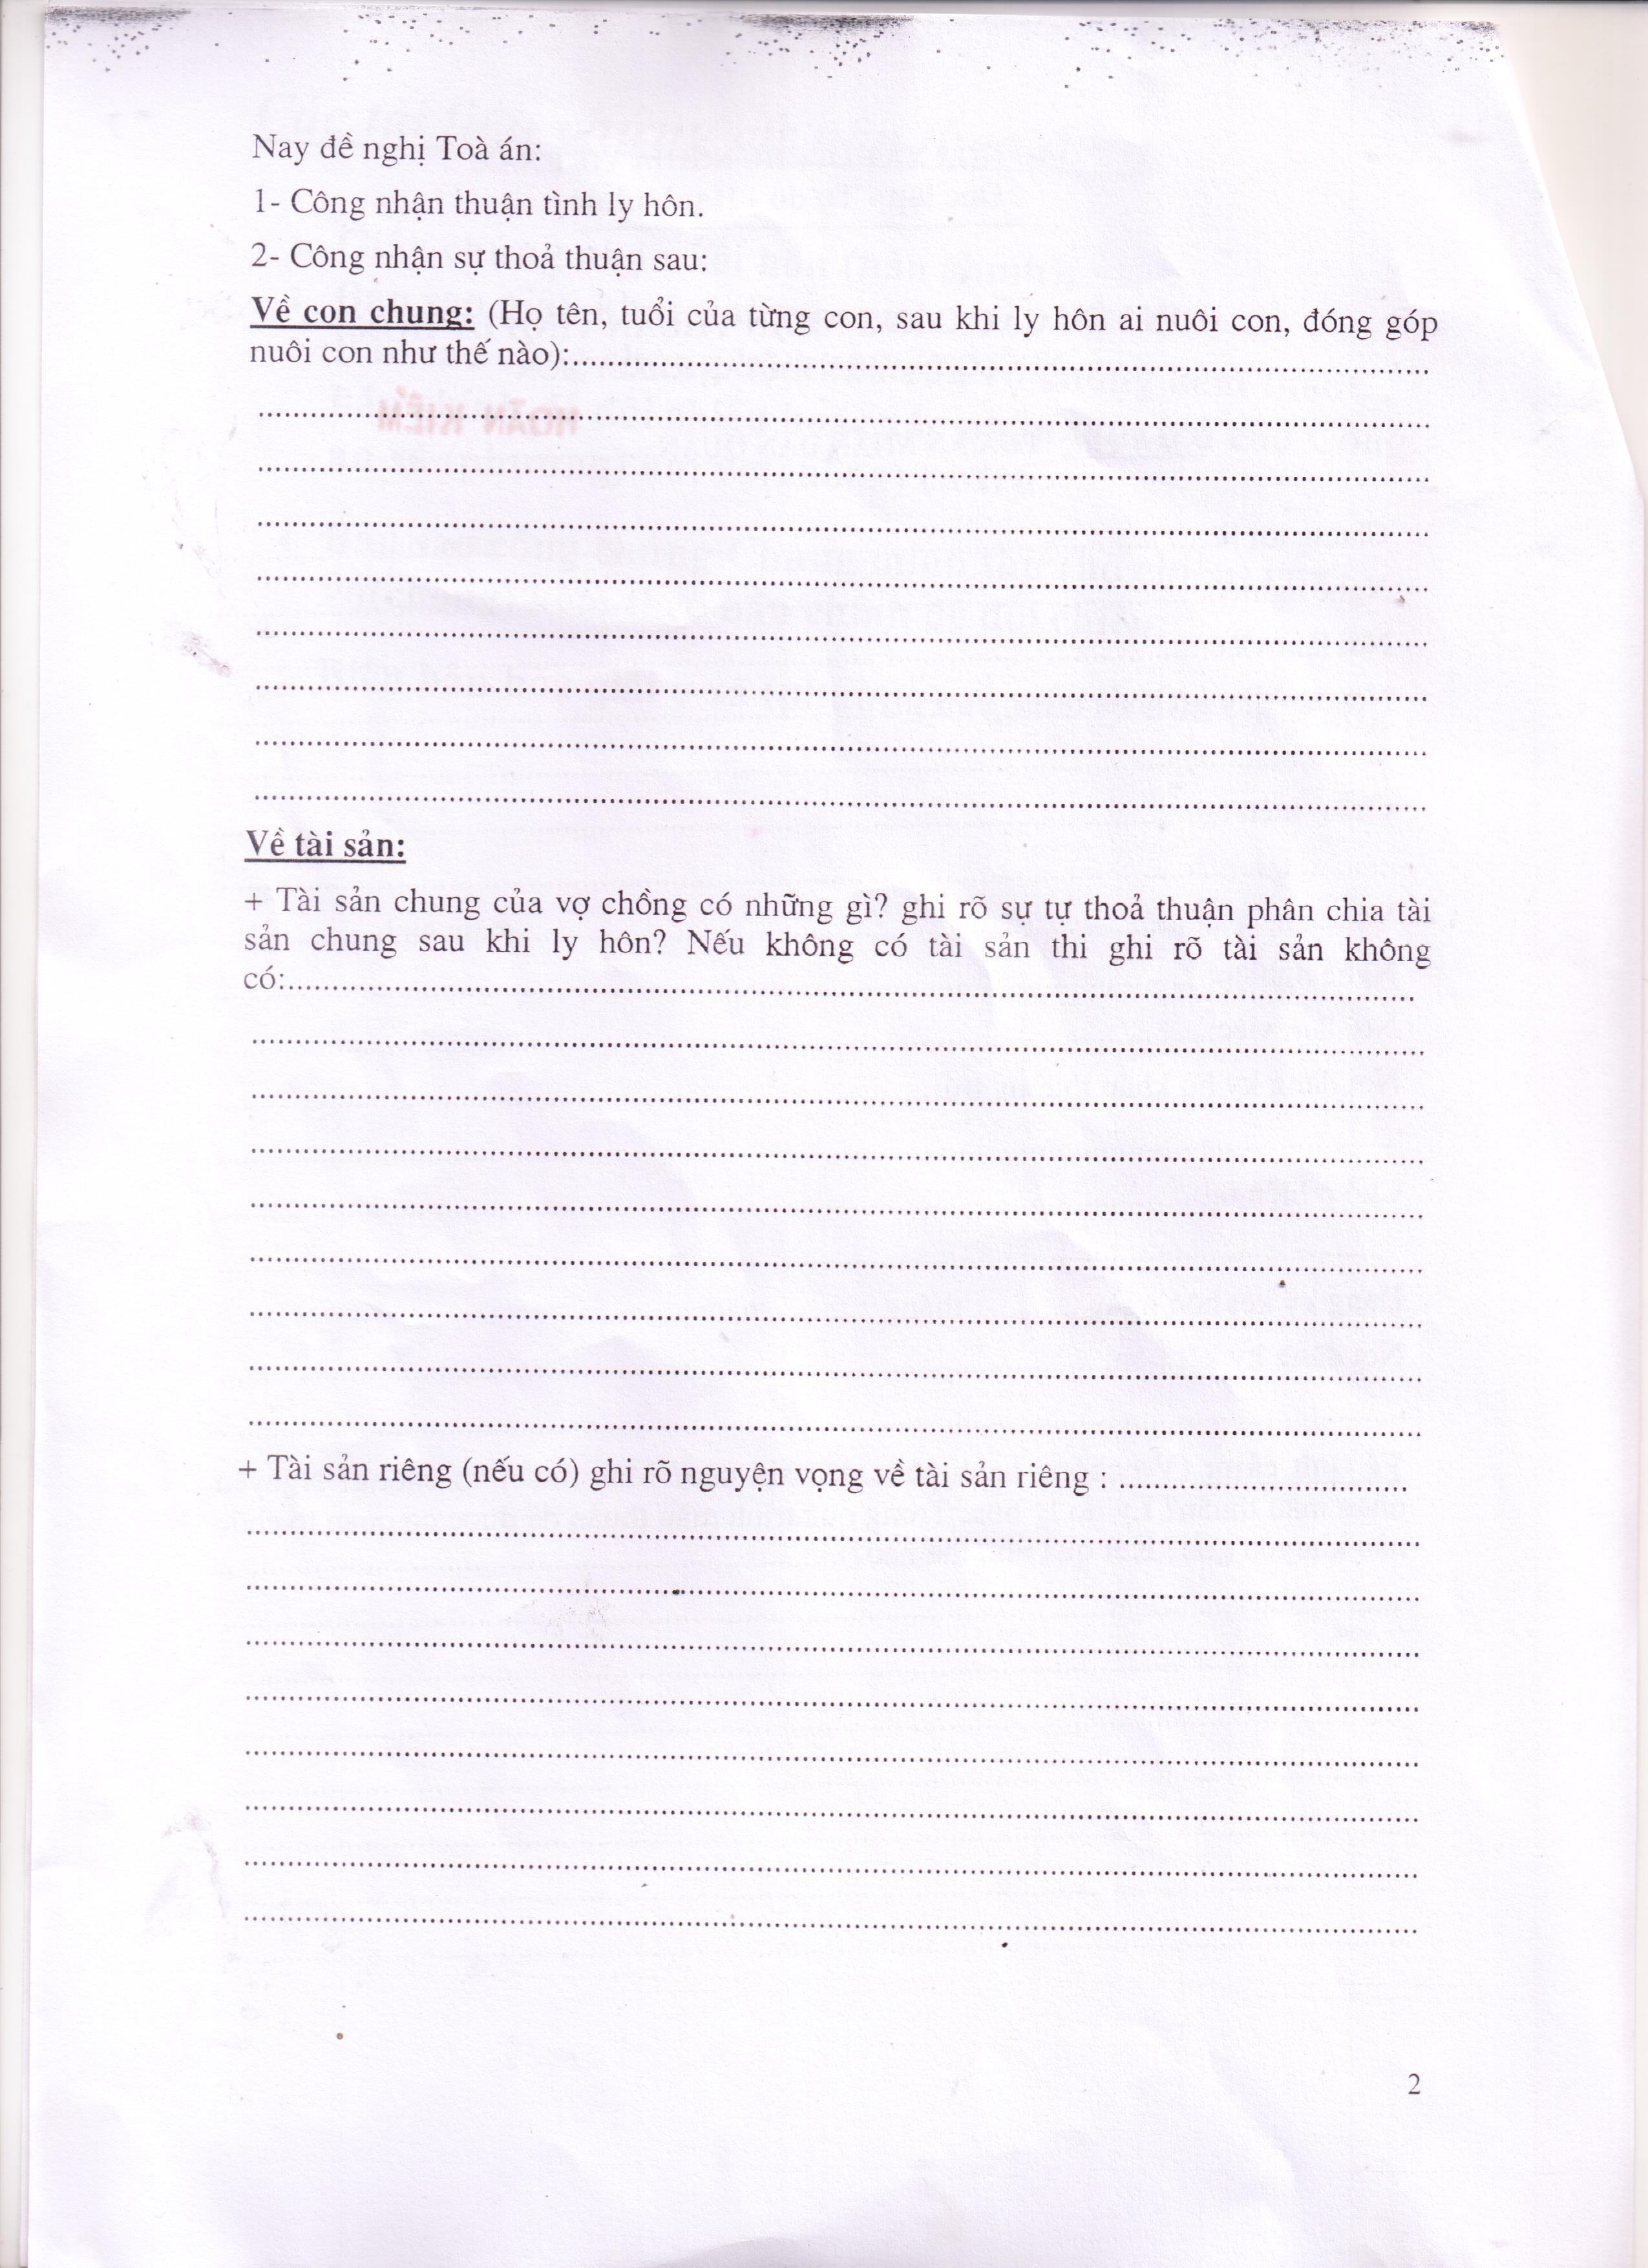 Mẫu đơn xin ly hôn thuận tình tại quận Hoàn Kiếm